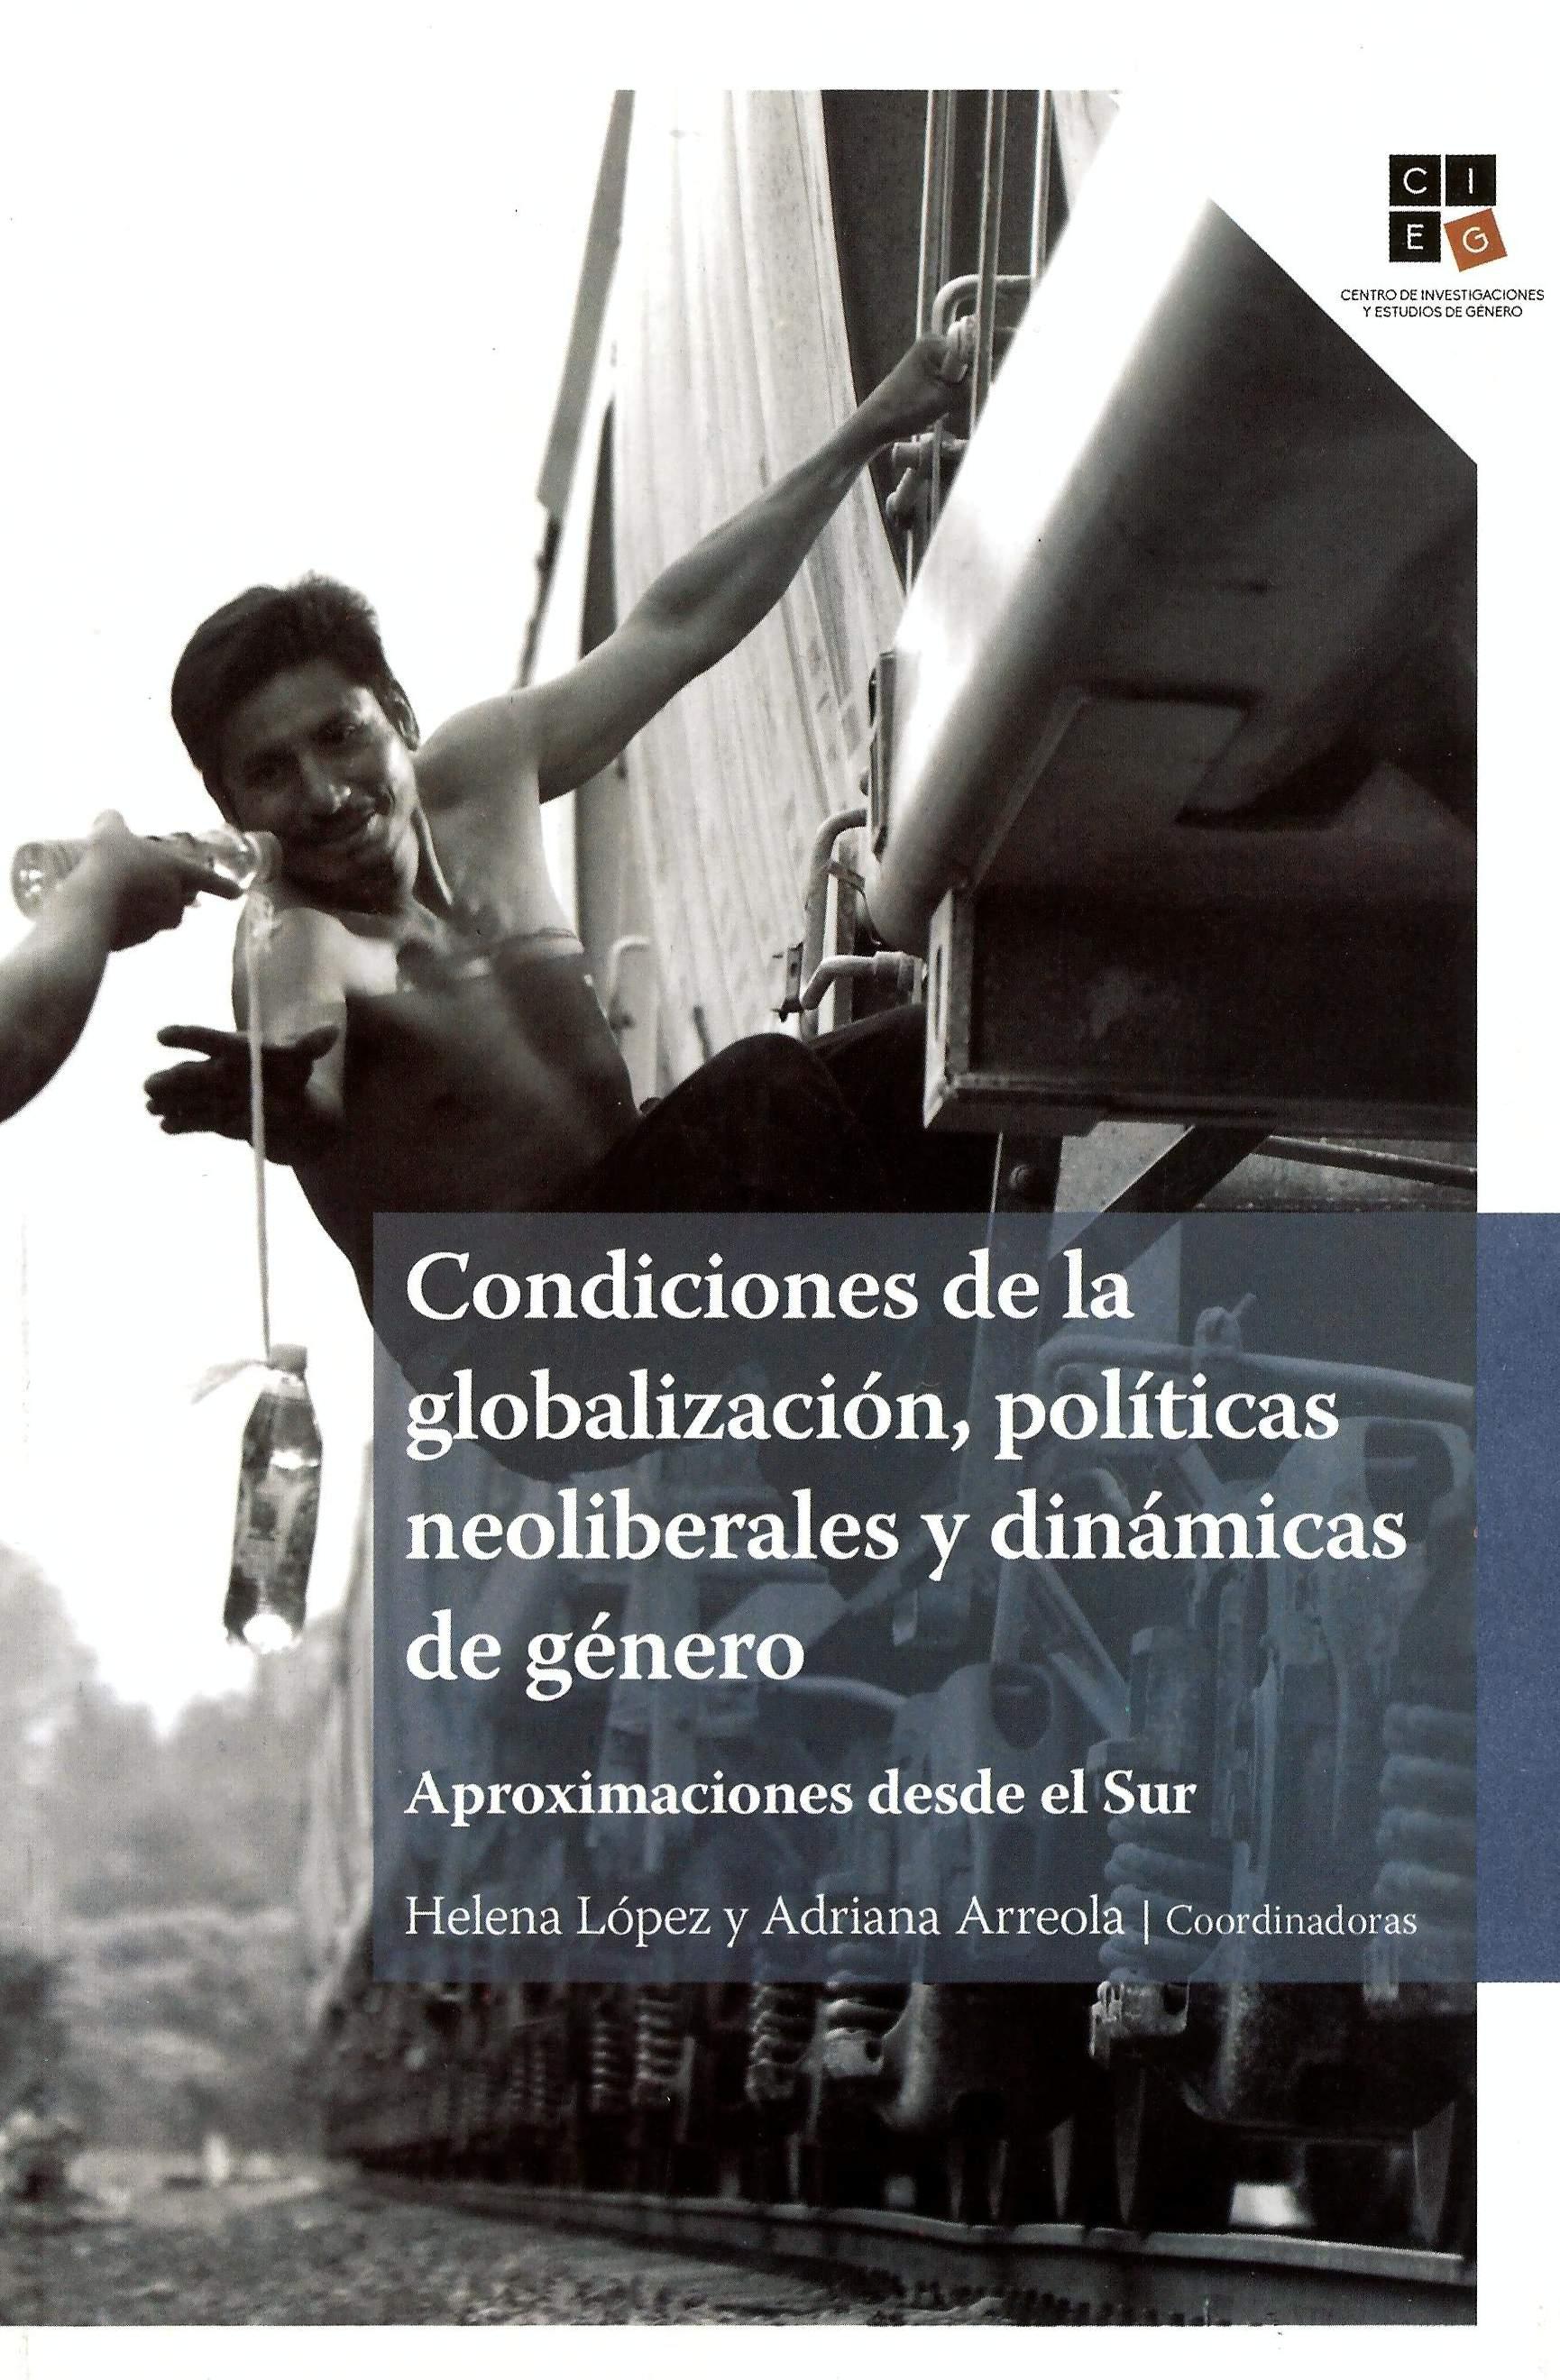 Condiciones de la globalización, políticas neoliberales y dinámicas de género. Aproximaciones desde